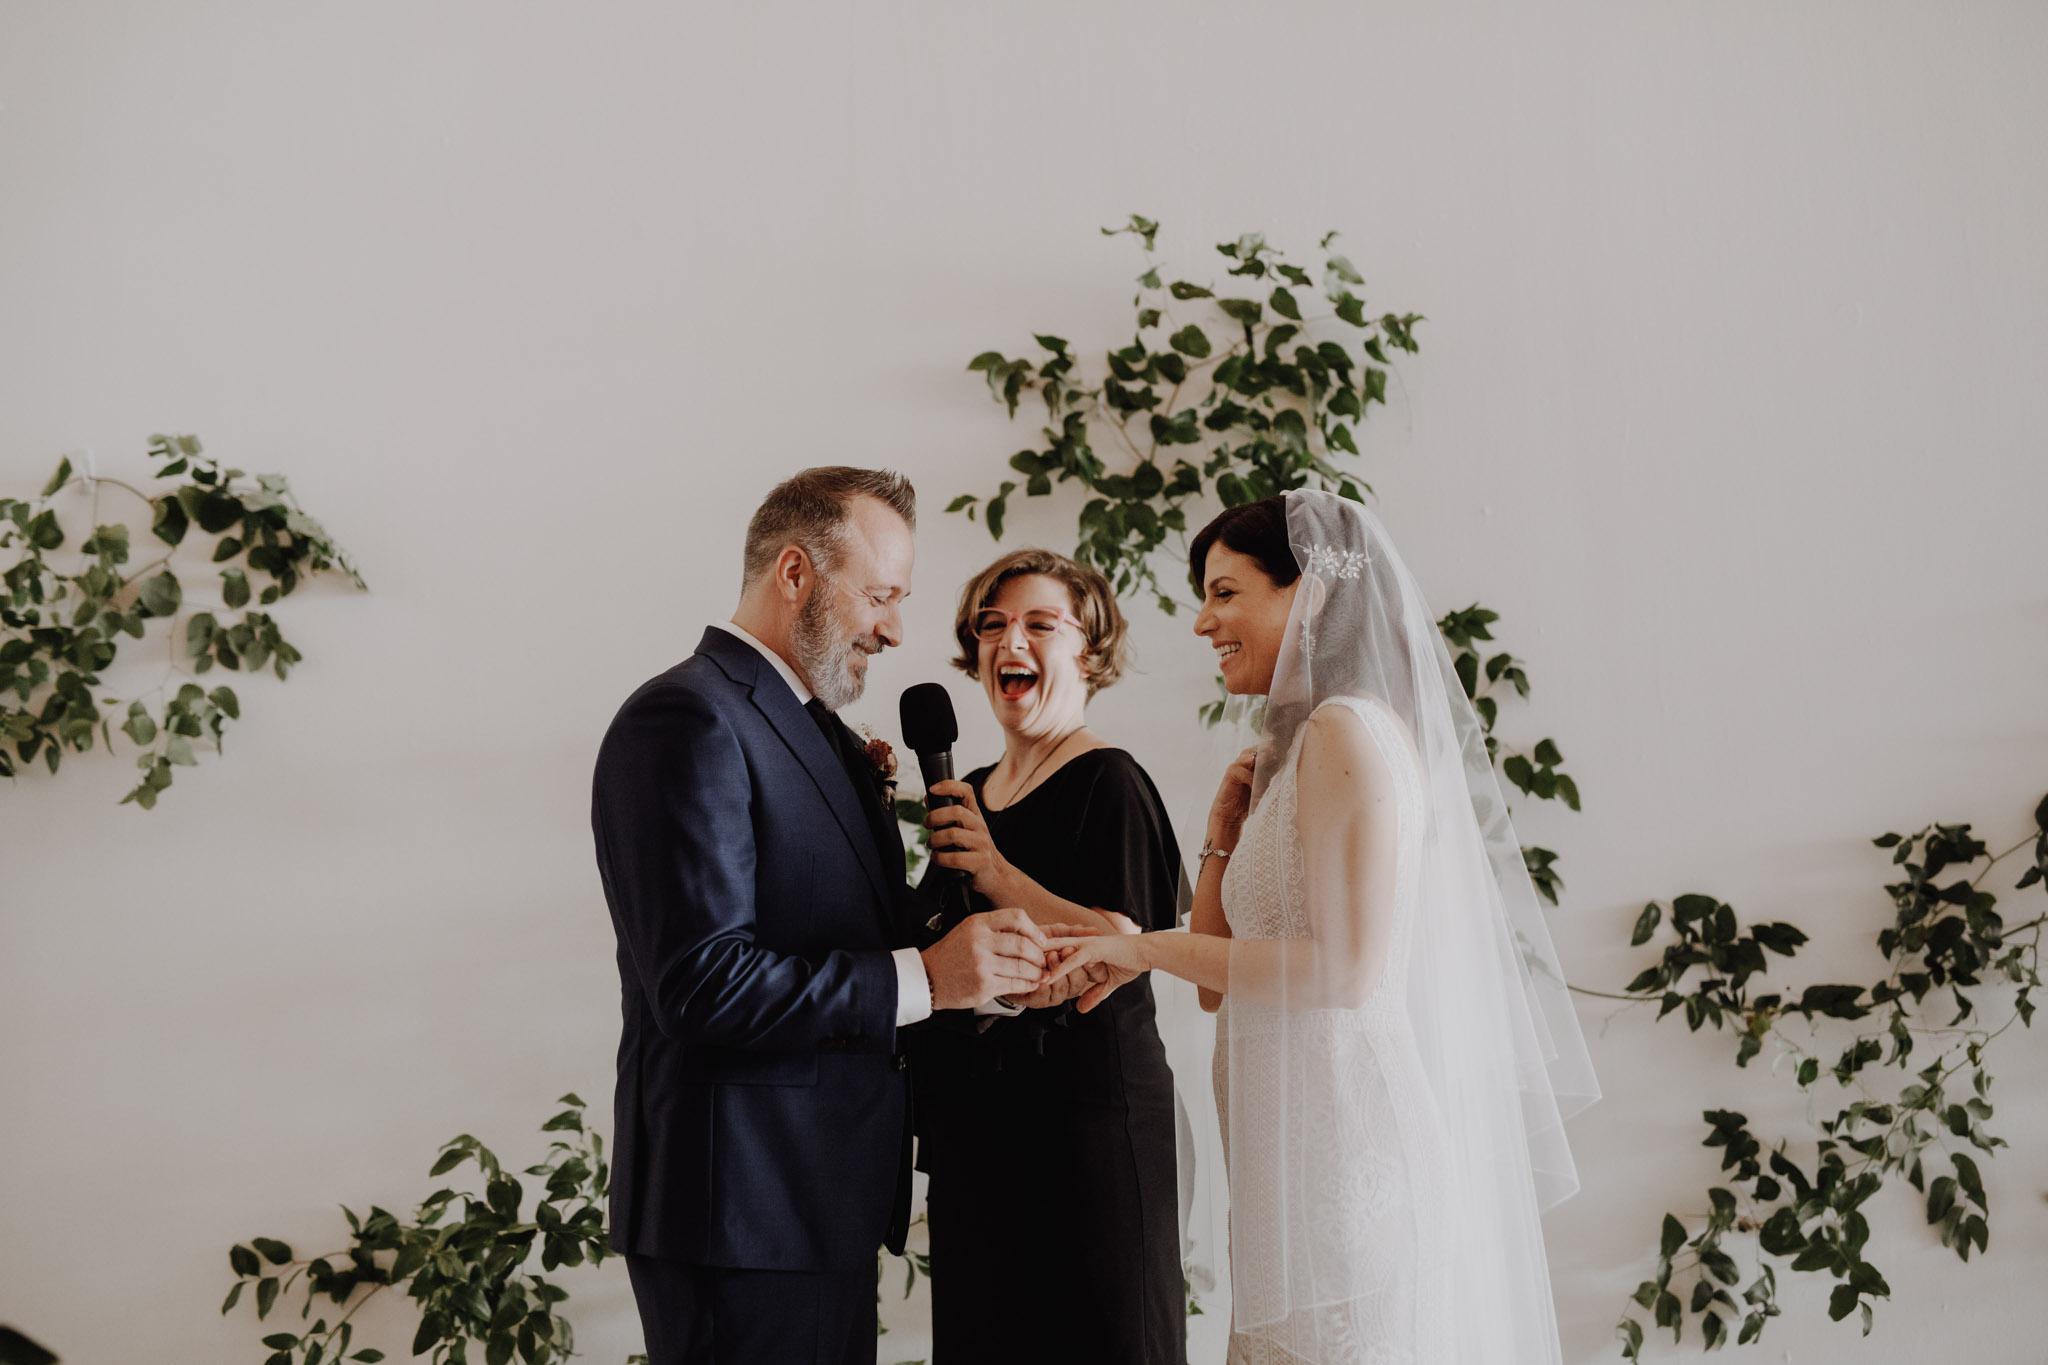 District 28 Wedding Toronto - exchanging vows